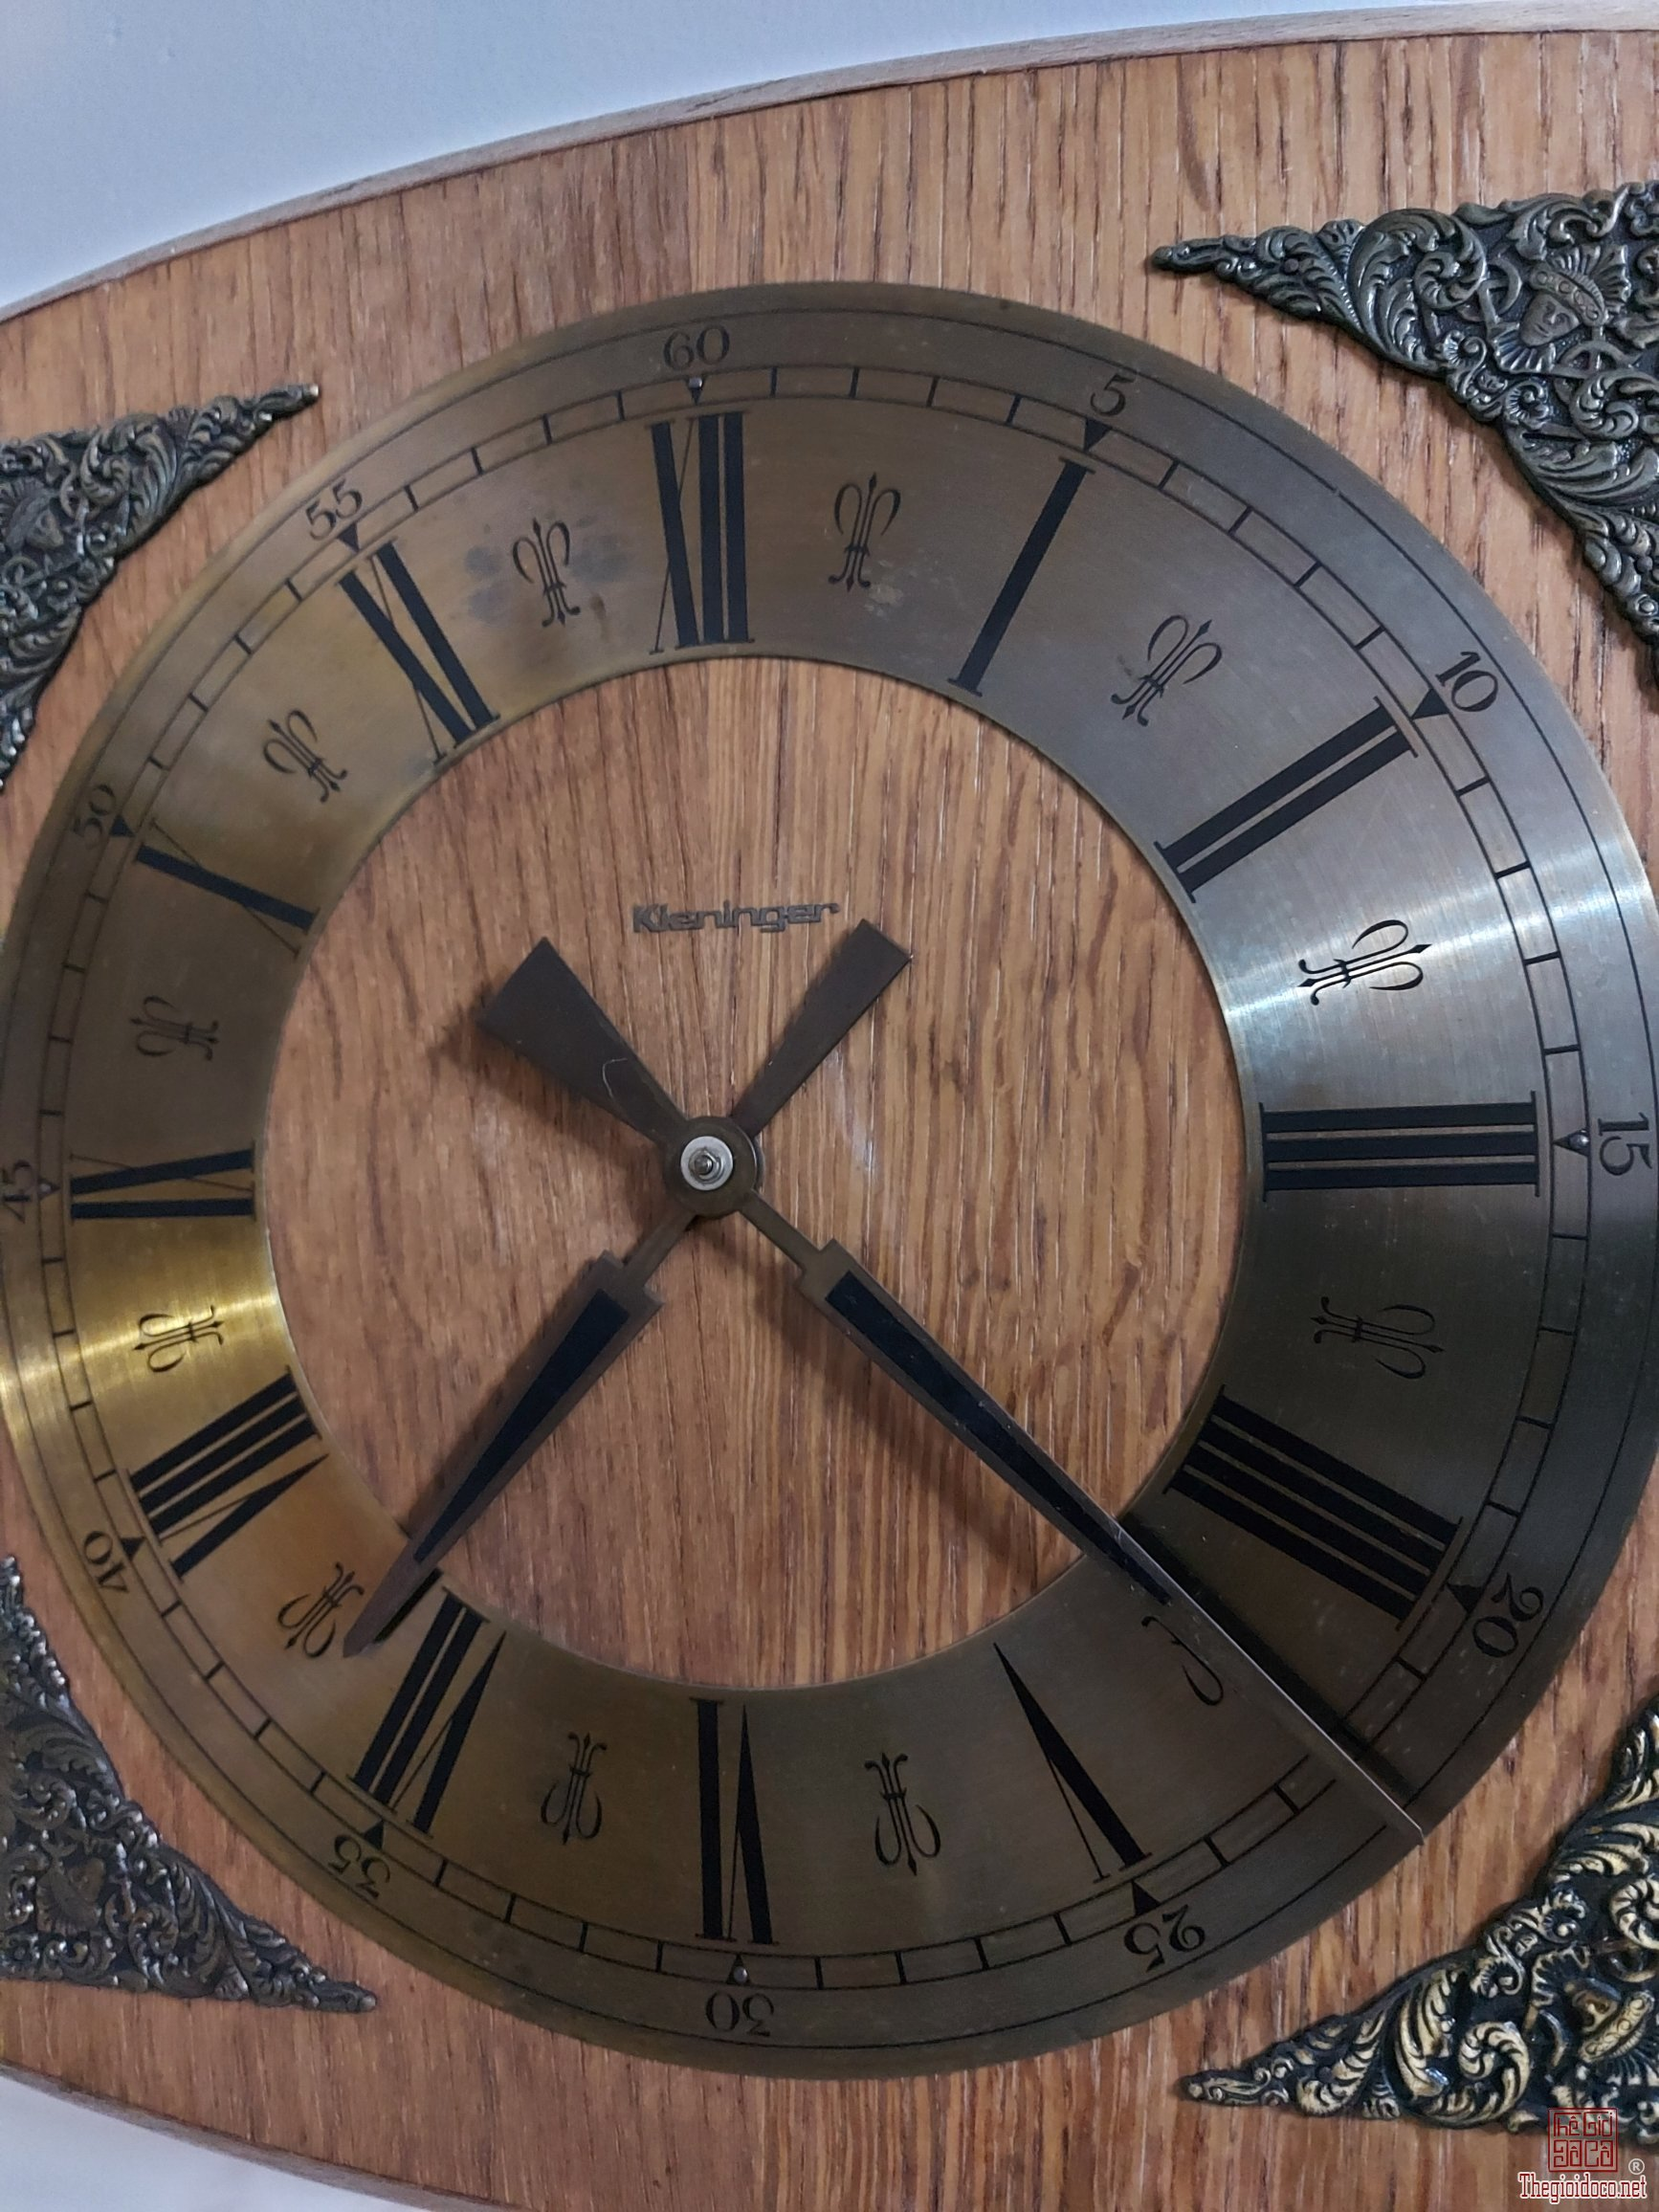 Đồng hồ tạ đức